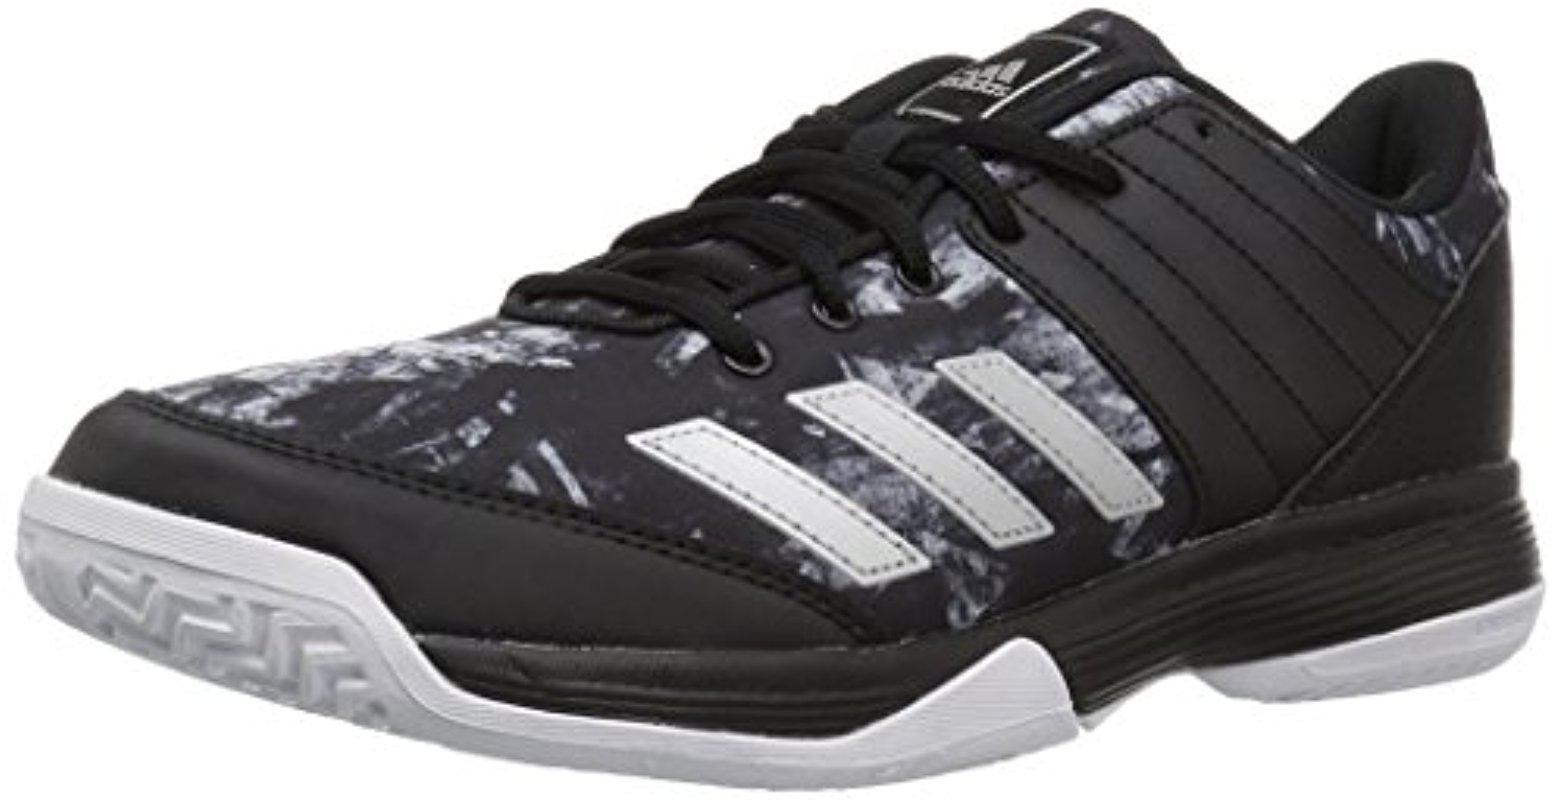 lyst adidas ligra 5 w scarpe da tennis, bianco / argento metallico / metallico.